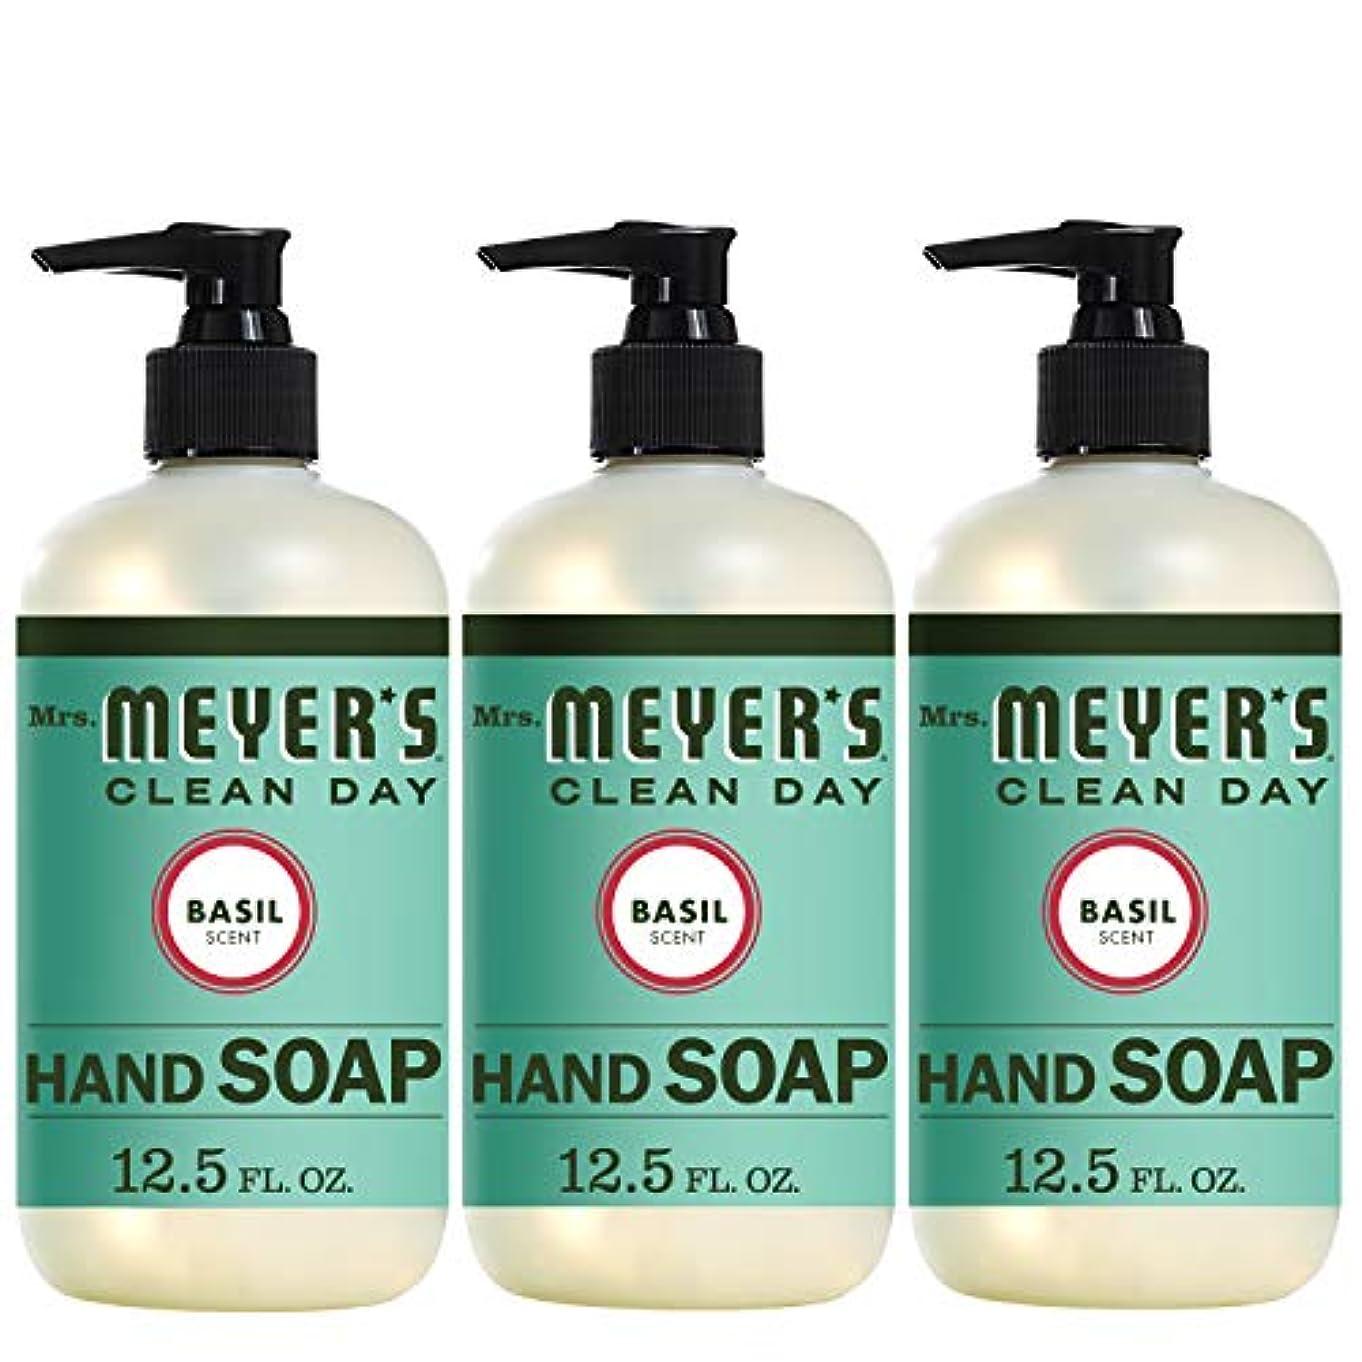 見つけるキャラバン長いですLiquid Hand Soap - Basil - Case of 6-12.5 oz by Mrs. Meyer's